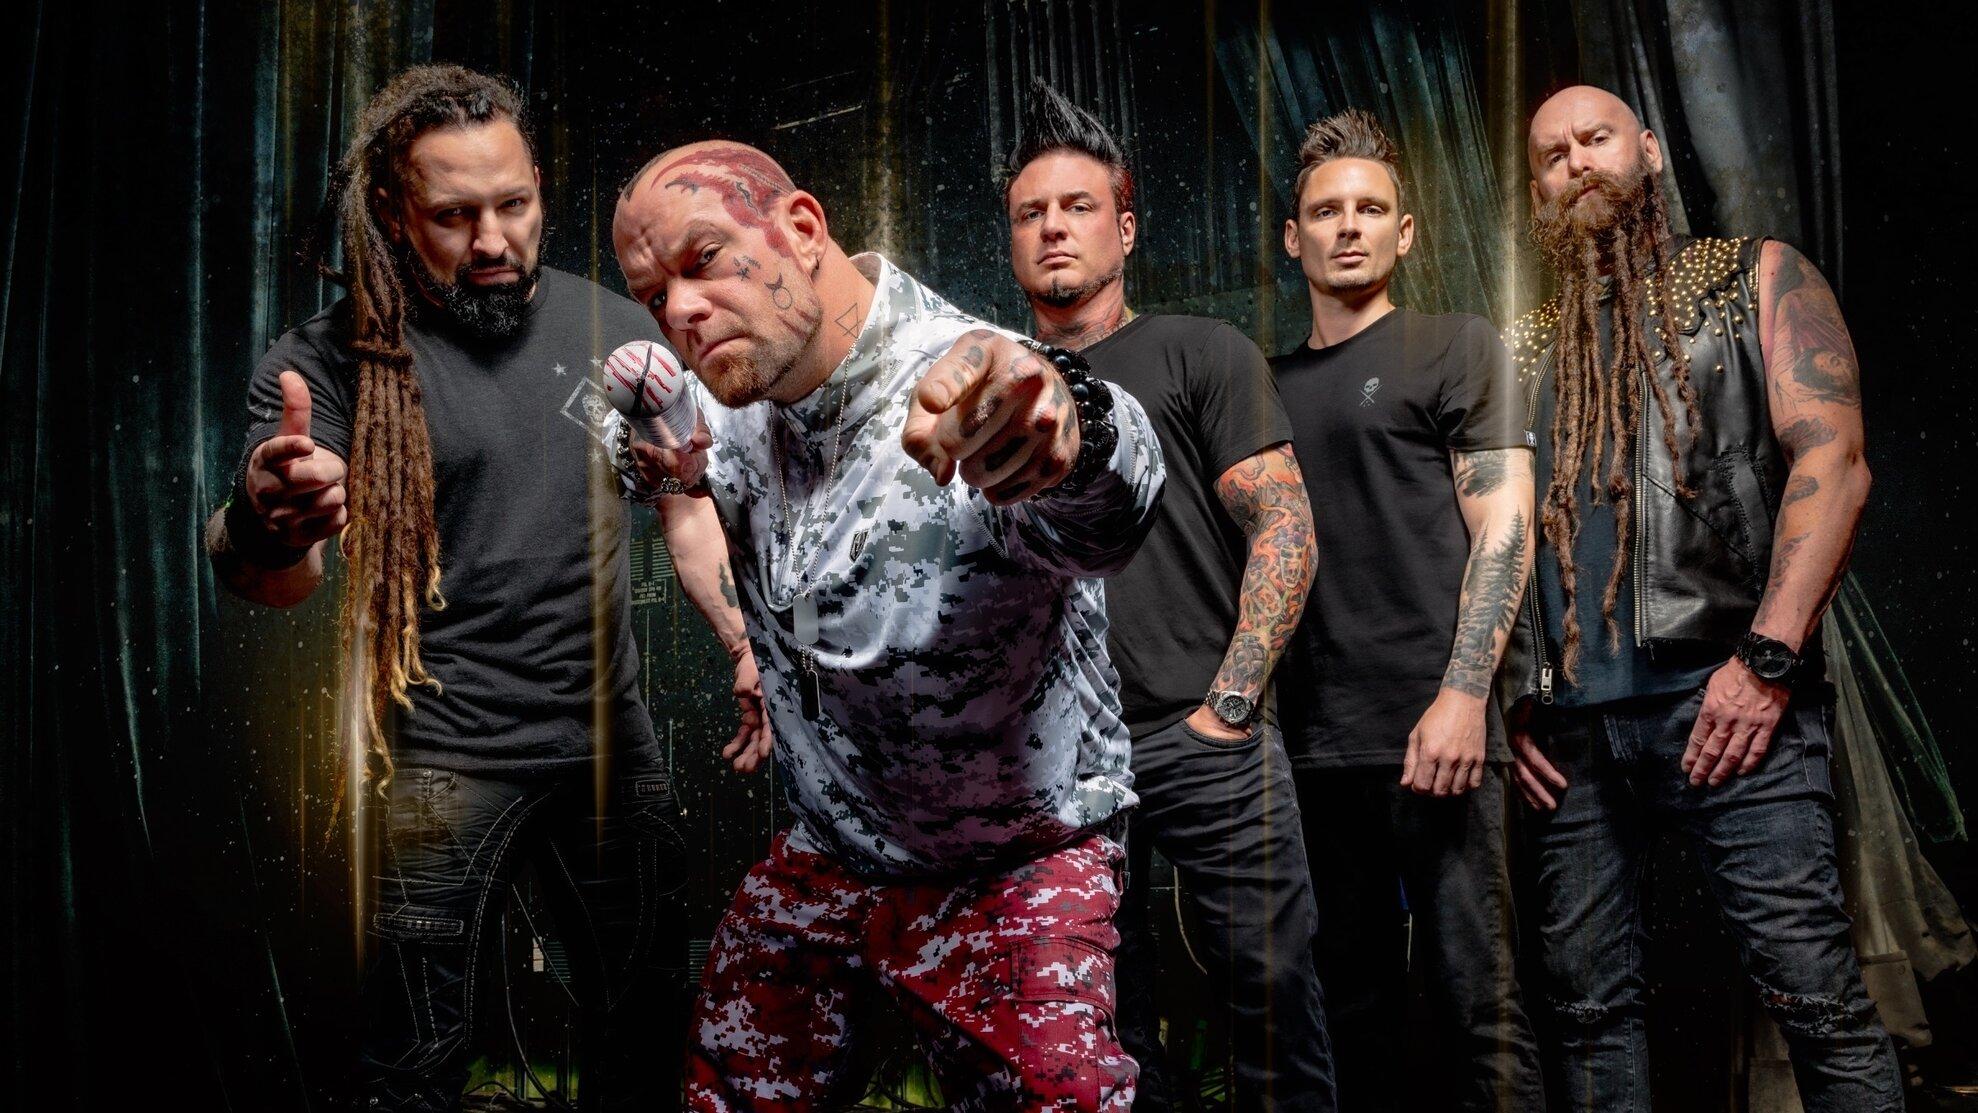 Five Finger Death Punch (US), Megadeth (US), Bad Wolves (US)